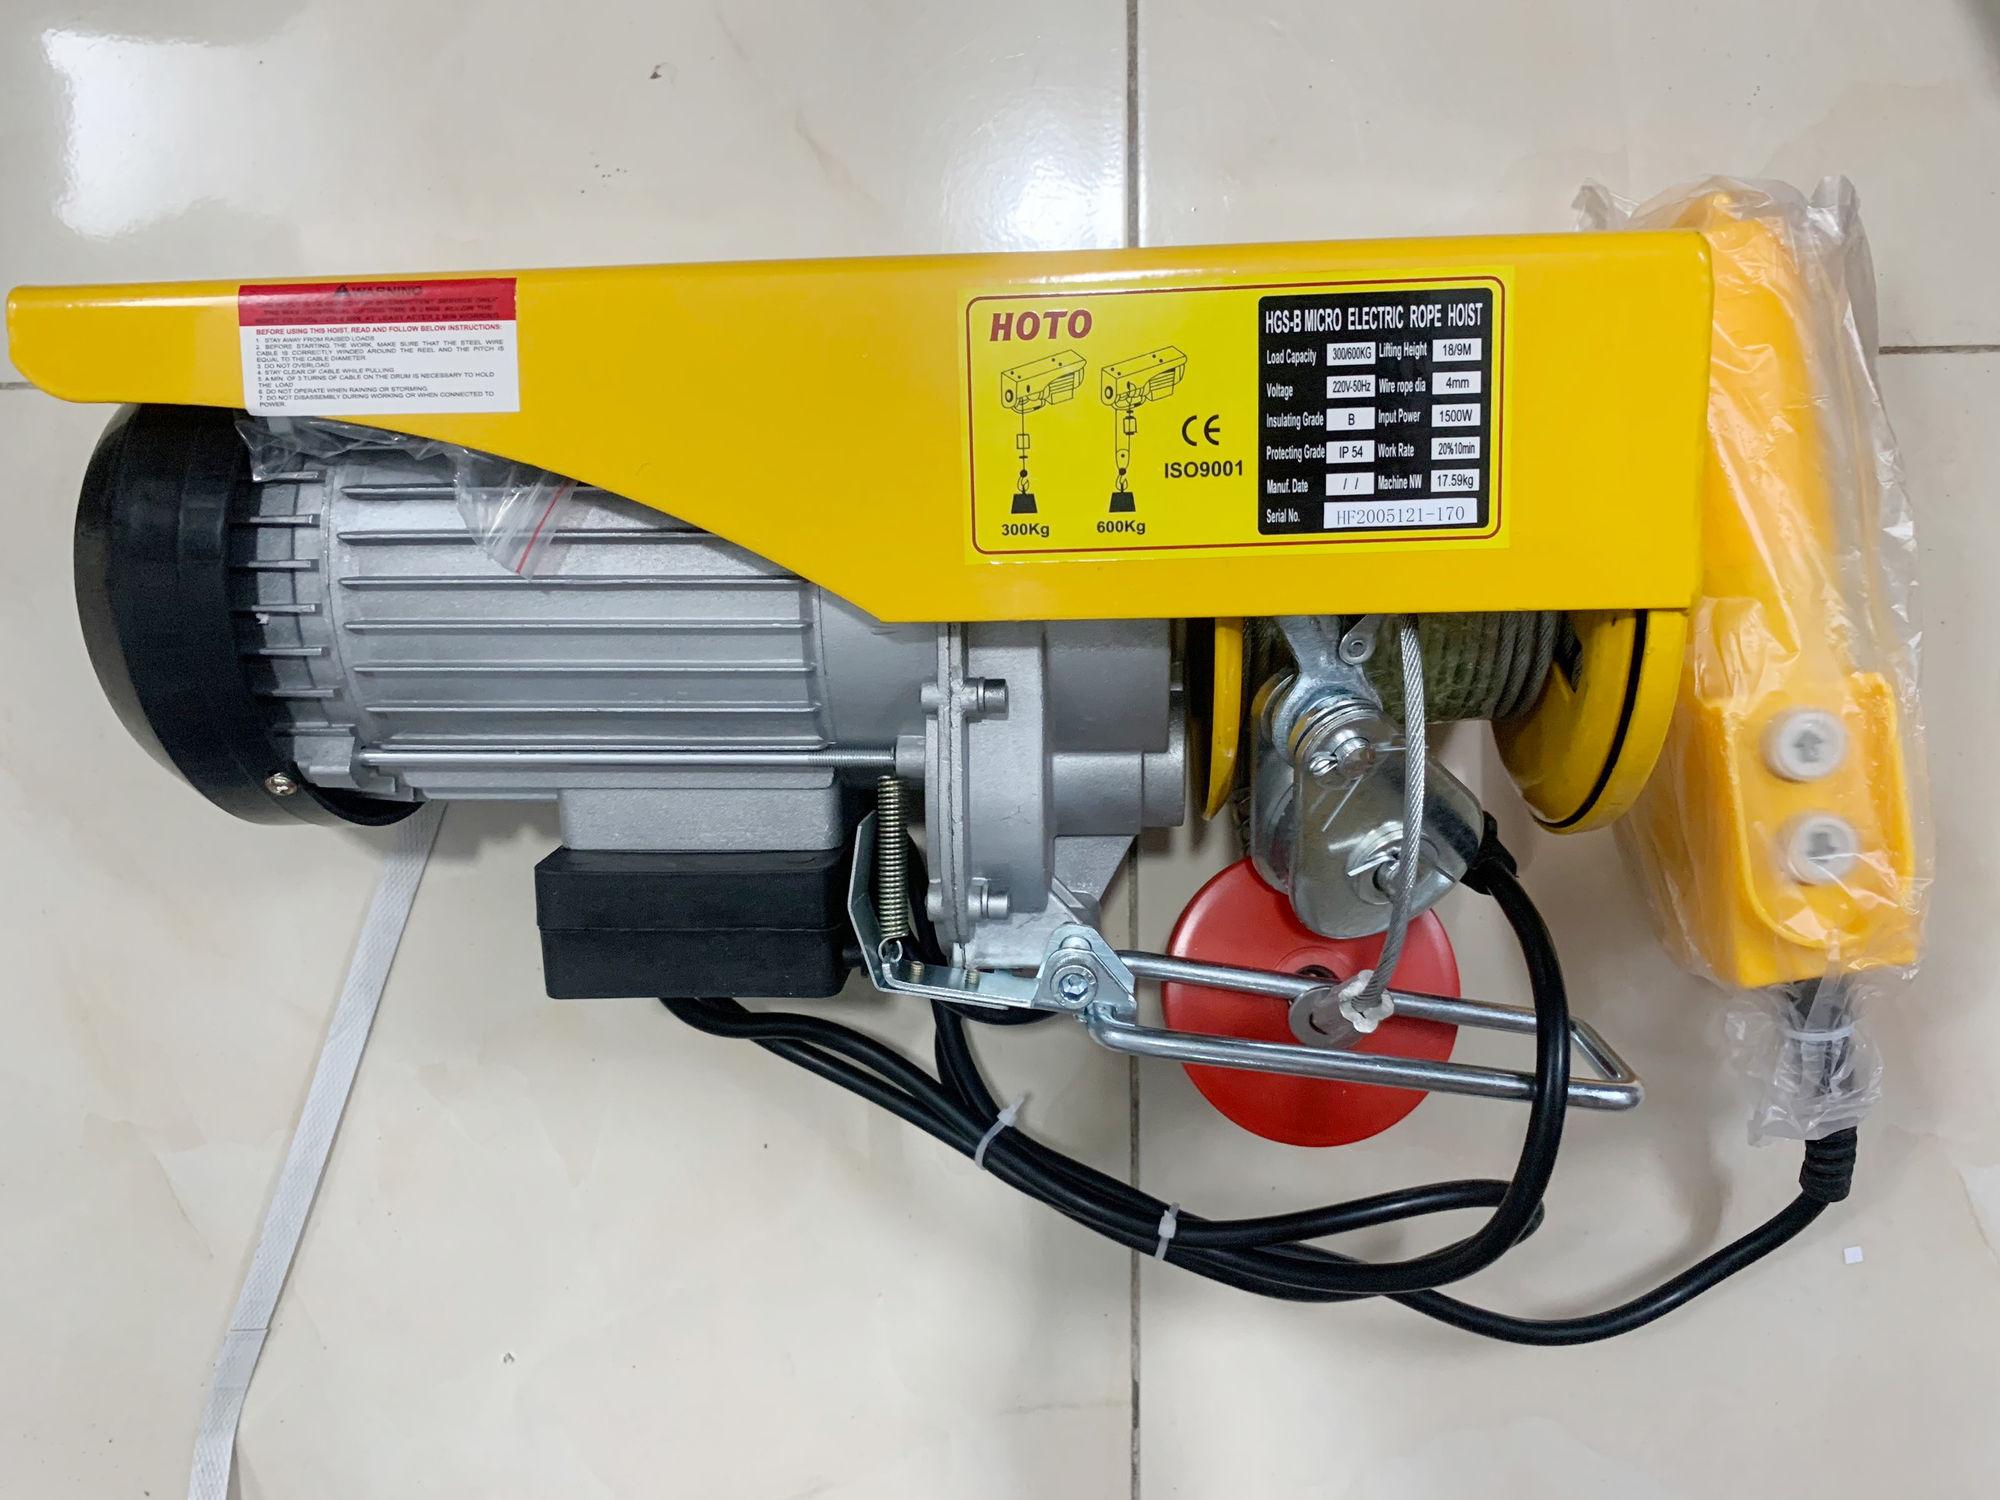 Tời điện Hoto PA 600 (600kg)